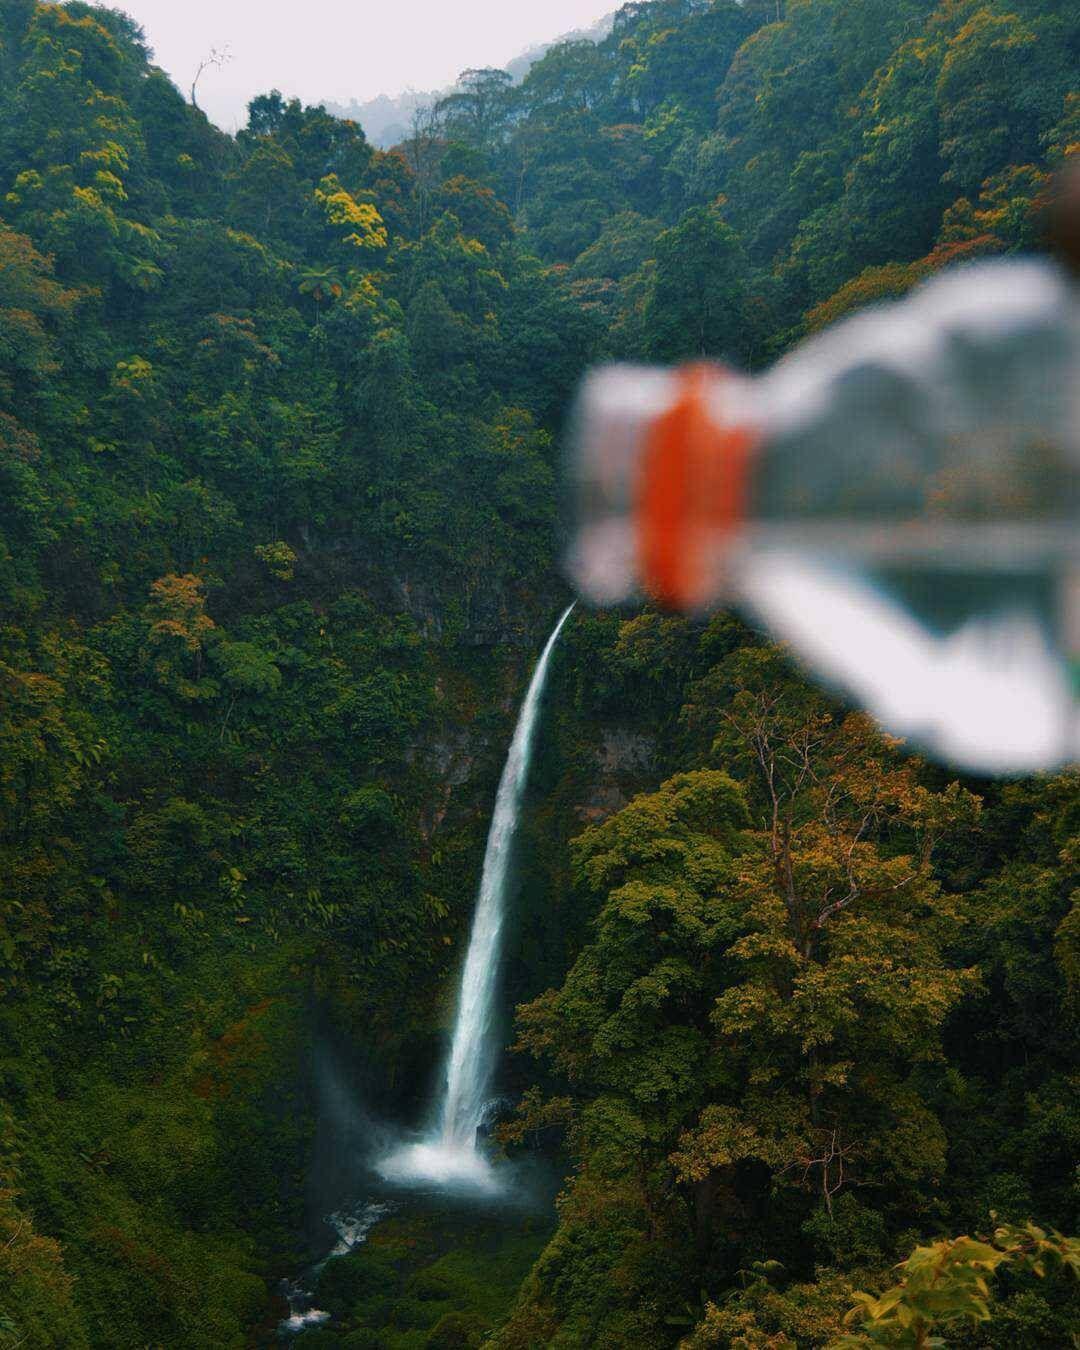 Air Terjun Coban Pelangi Spot Wajib Dikunjungi Jika Kamu Wisata Ke Malang Rugi Besar Kalau Sampai Ngak Kesini Air Terjun Coban Indonesia